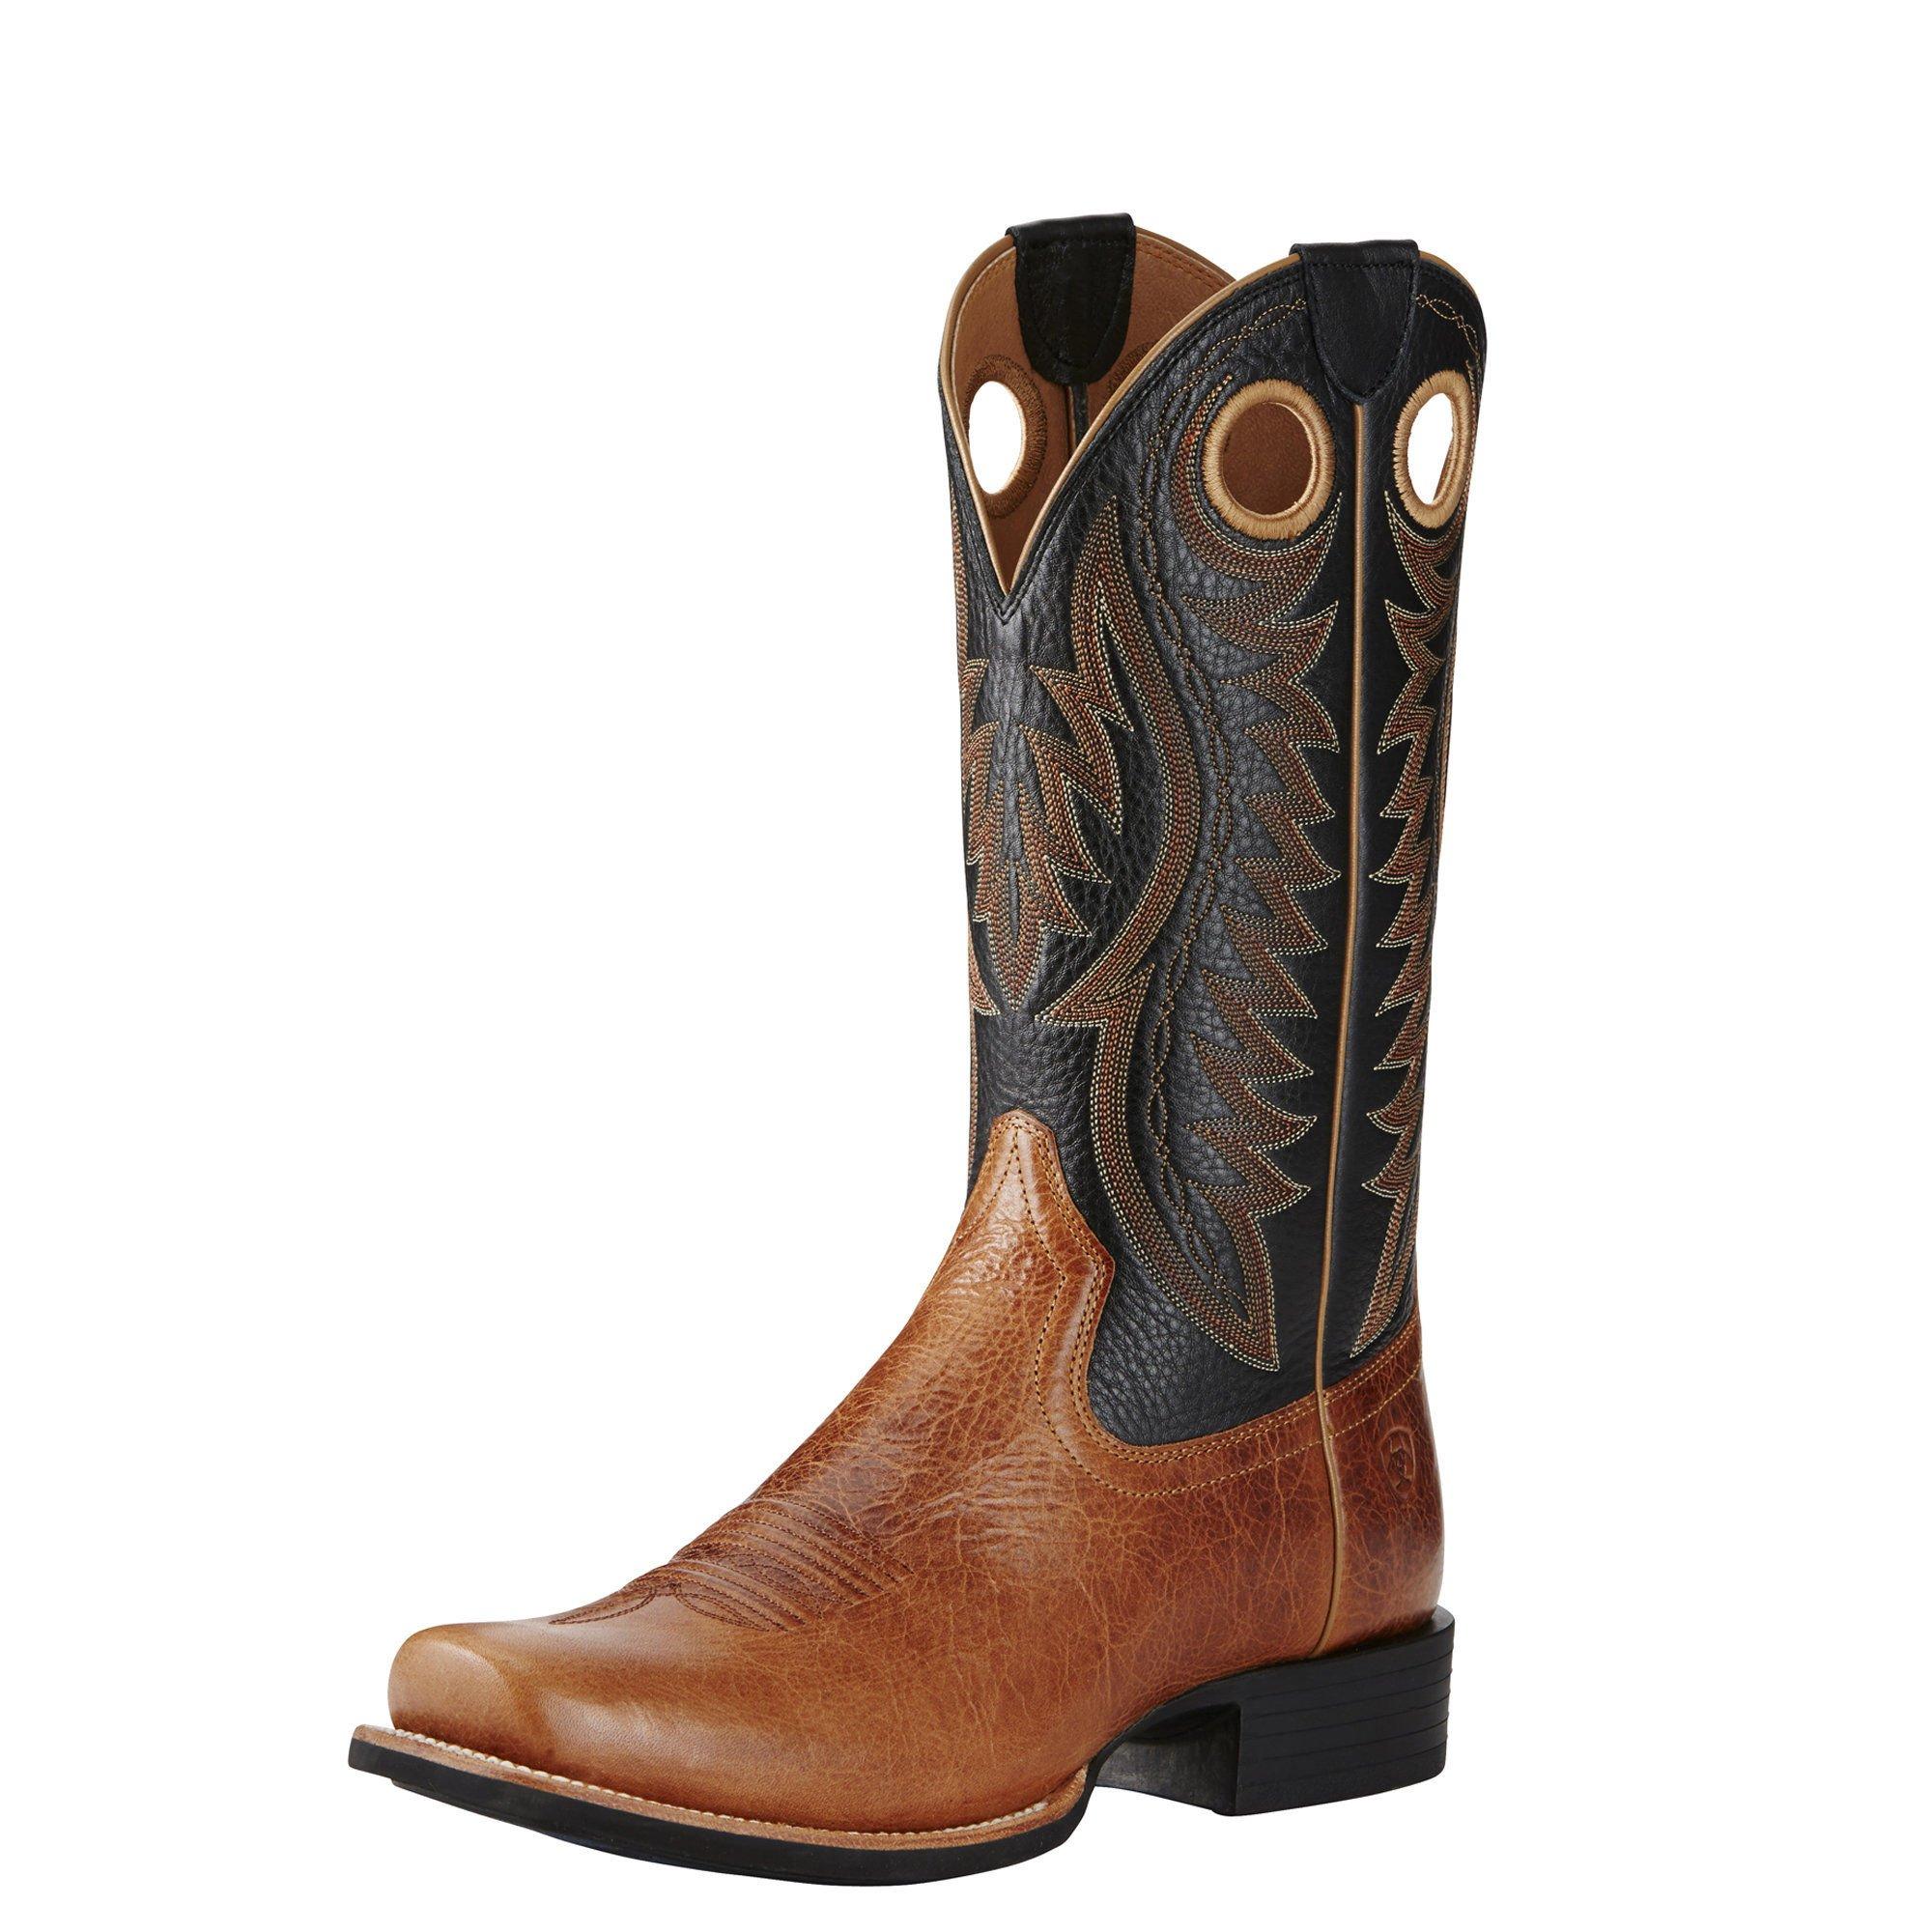 Ariat Men's Cutter Classic VX Western Cowboy Boot, Gingersnap, 13 D US